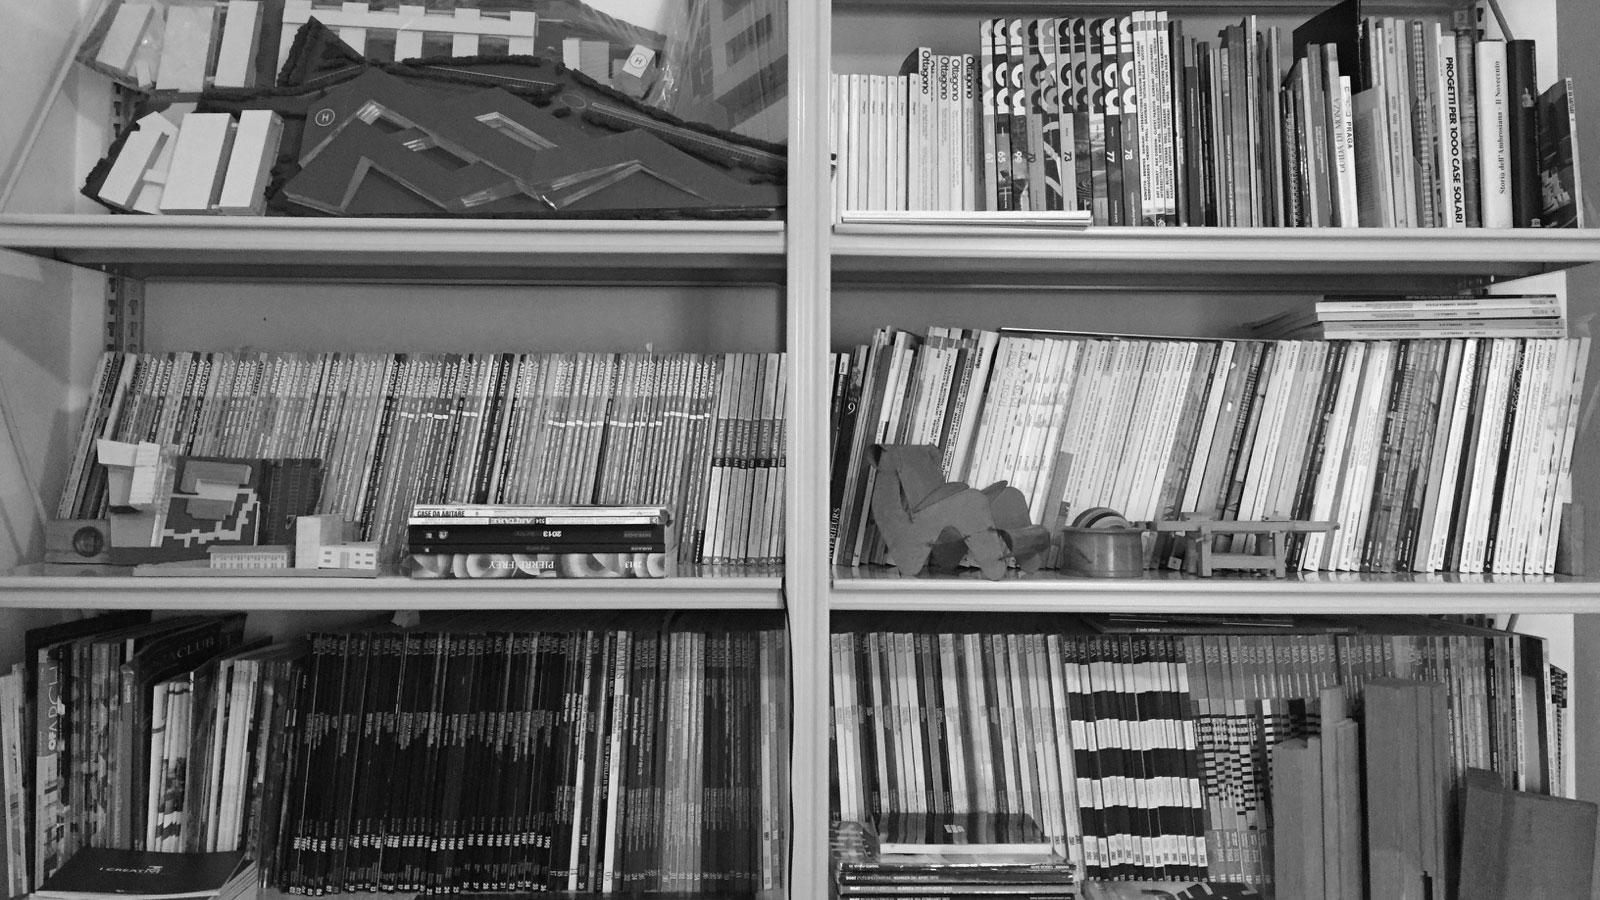 archilabo-laboratorio-architettura-monza